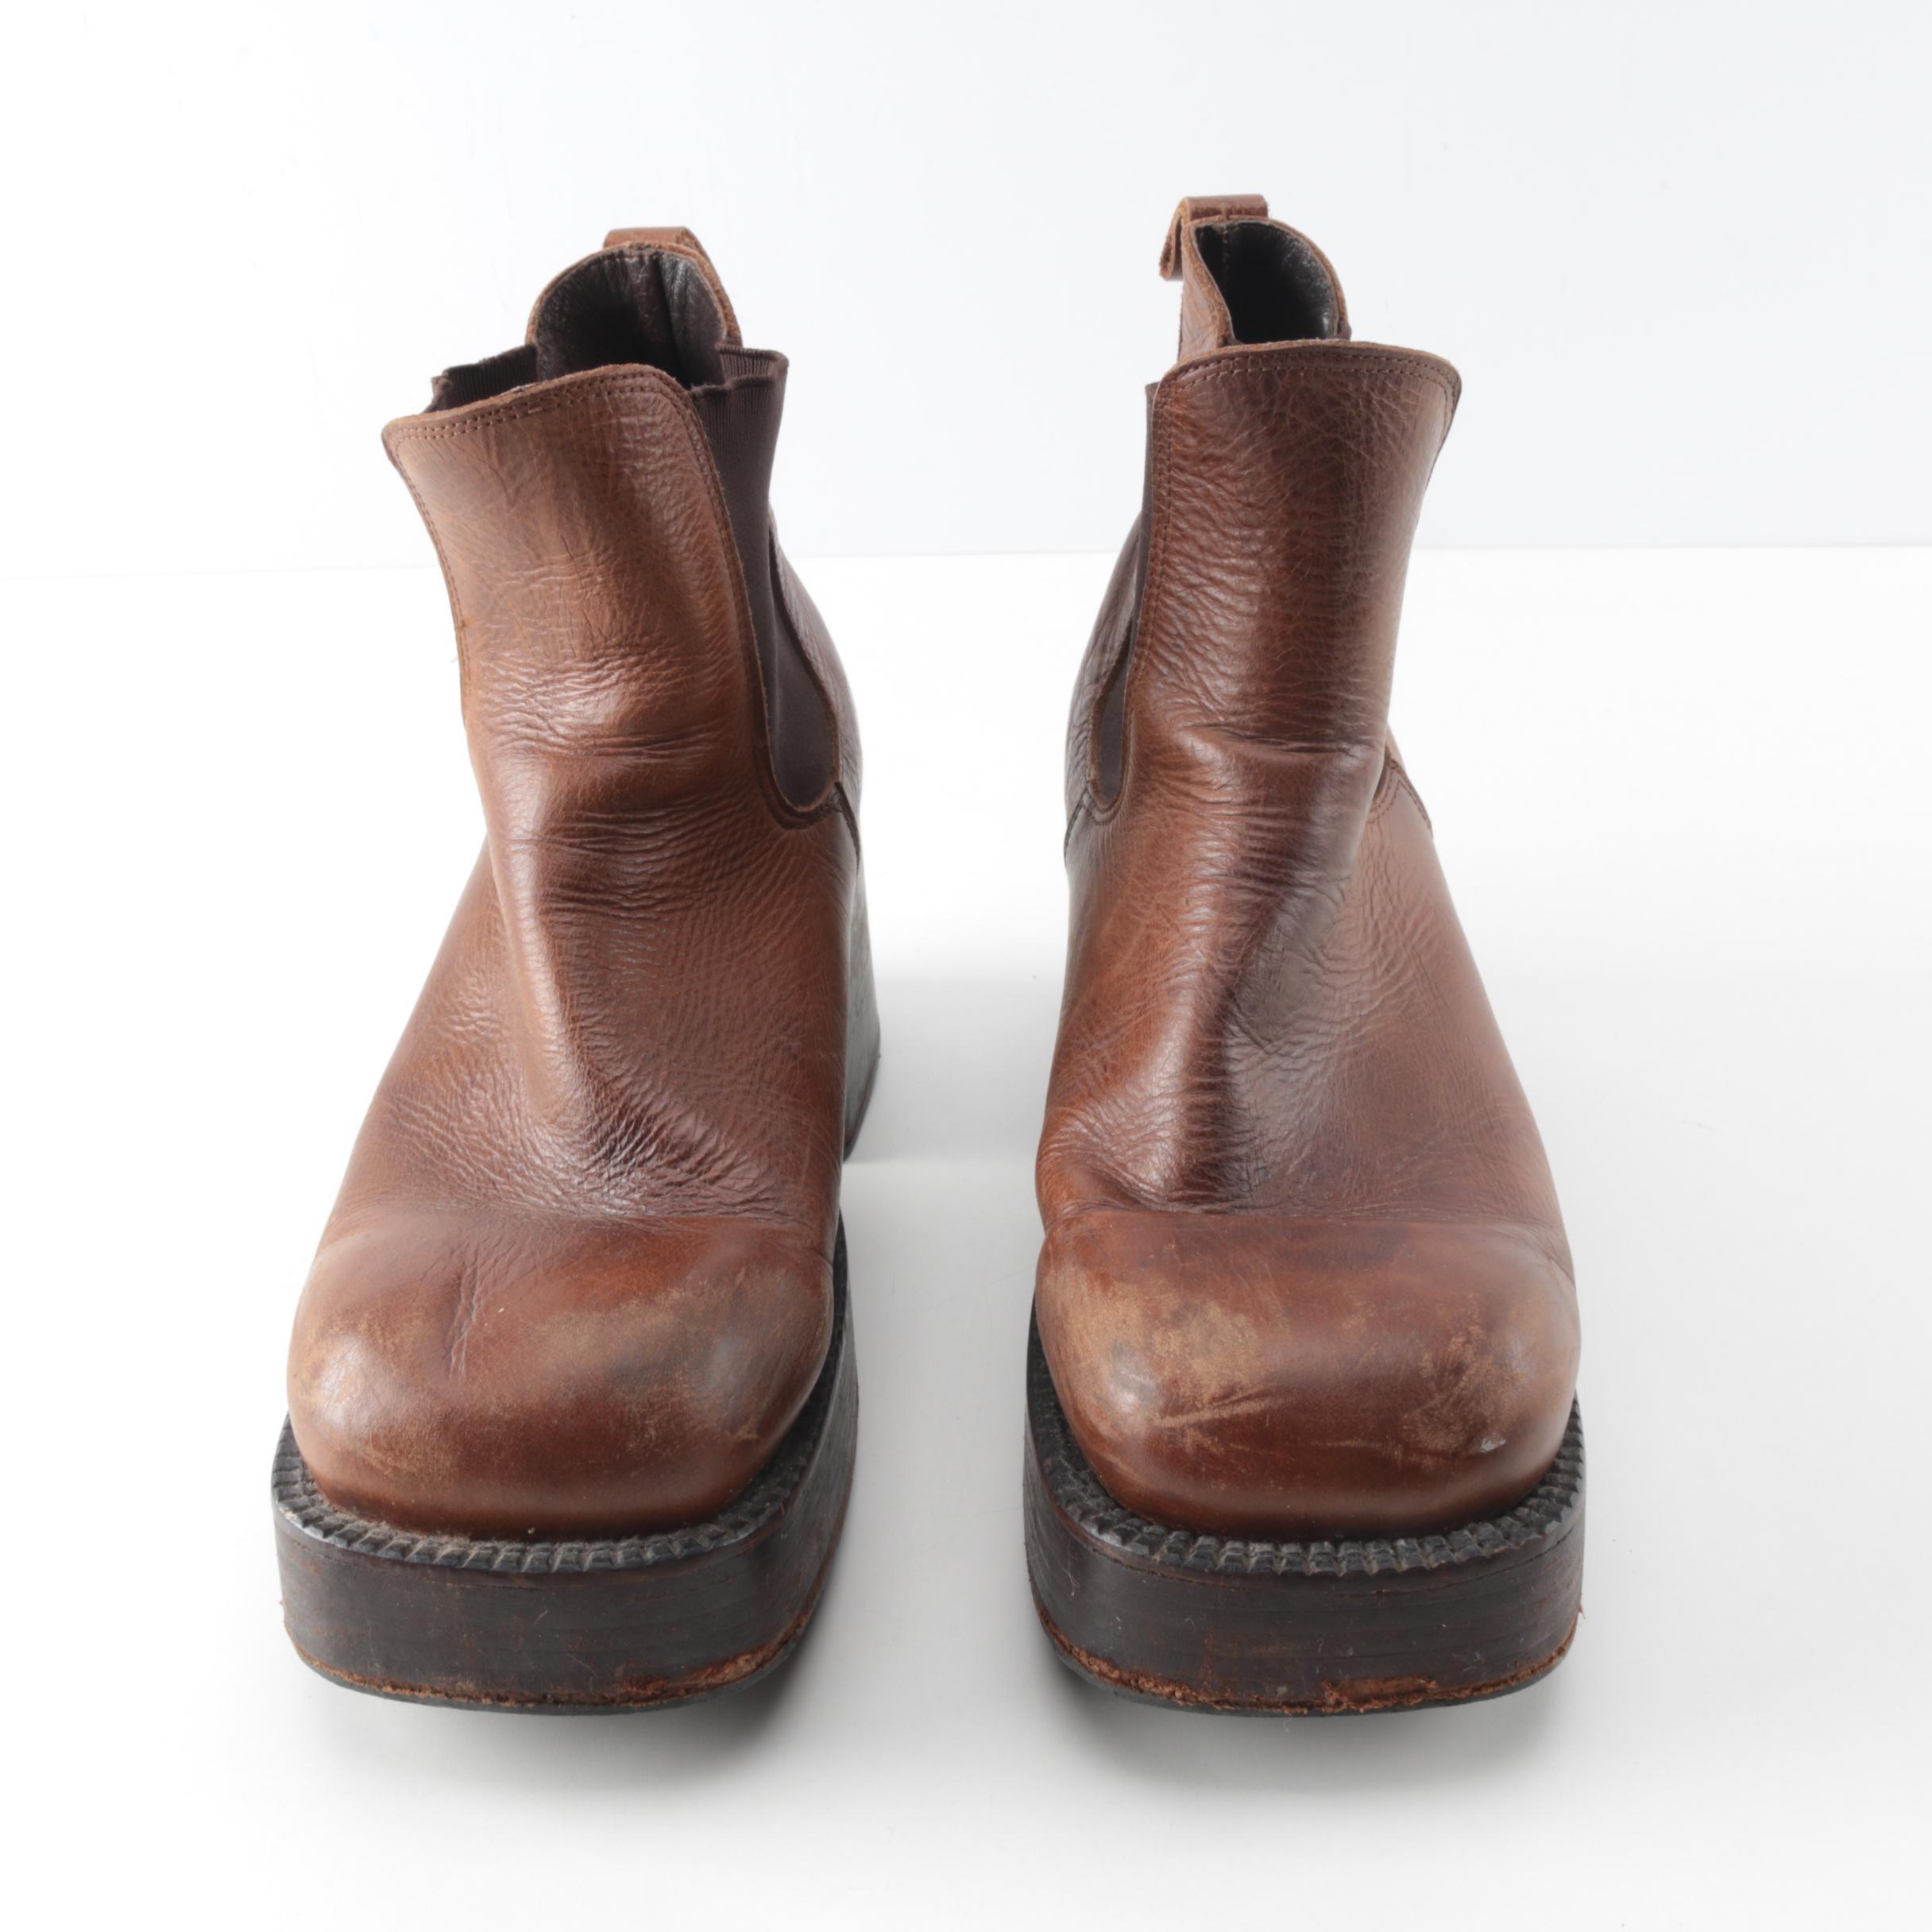 Destroy Leather Platform Shoes